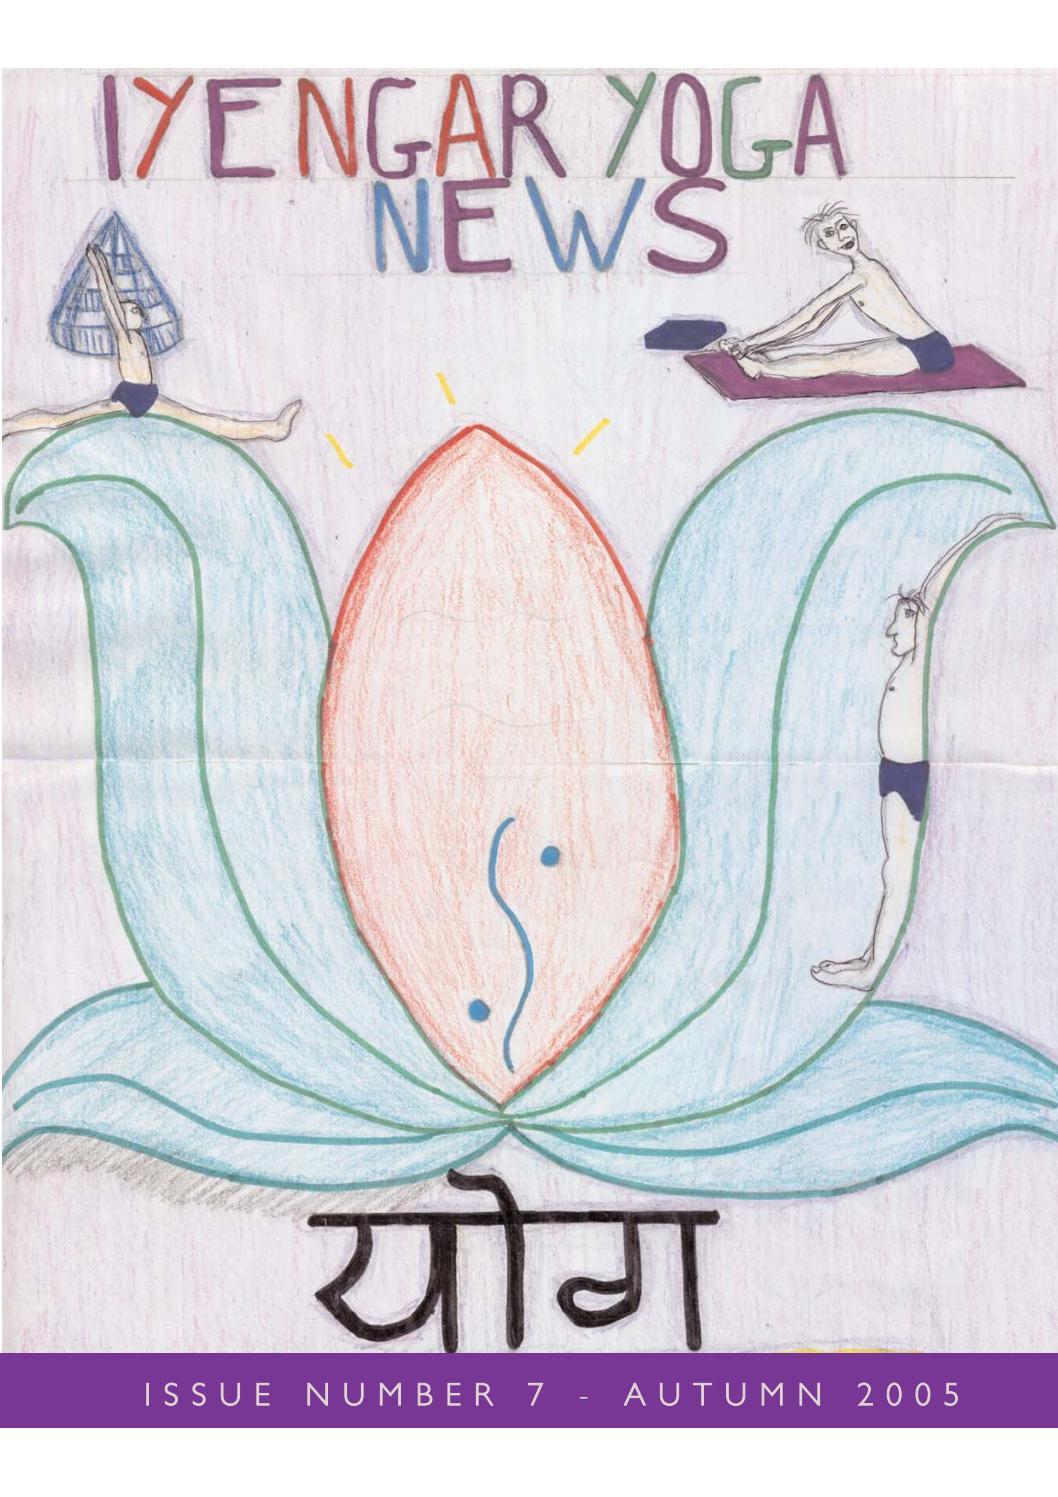 Iyengar Yoga News Issue 7 Autumn 2005 By Iyengar Yoga Uk Issuu